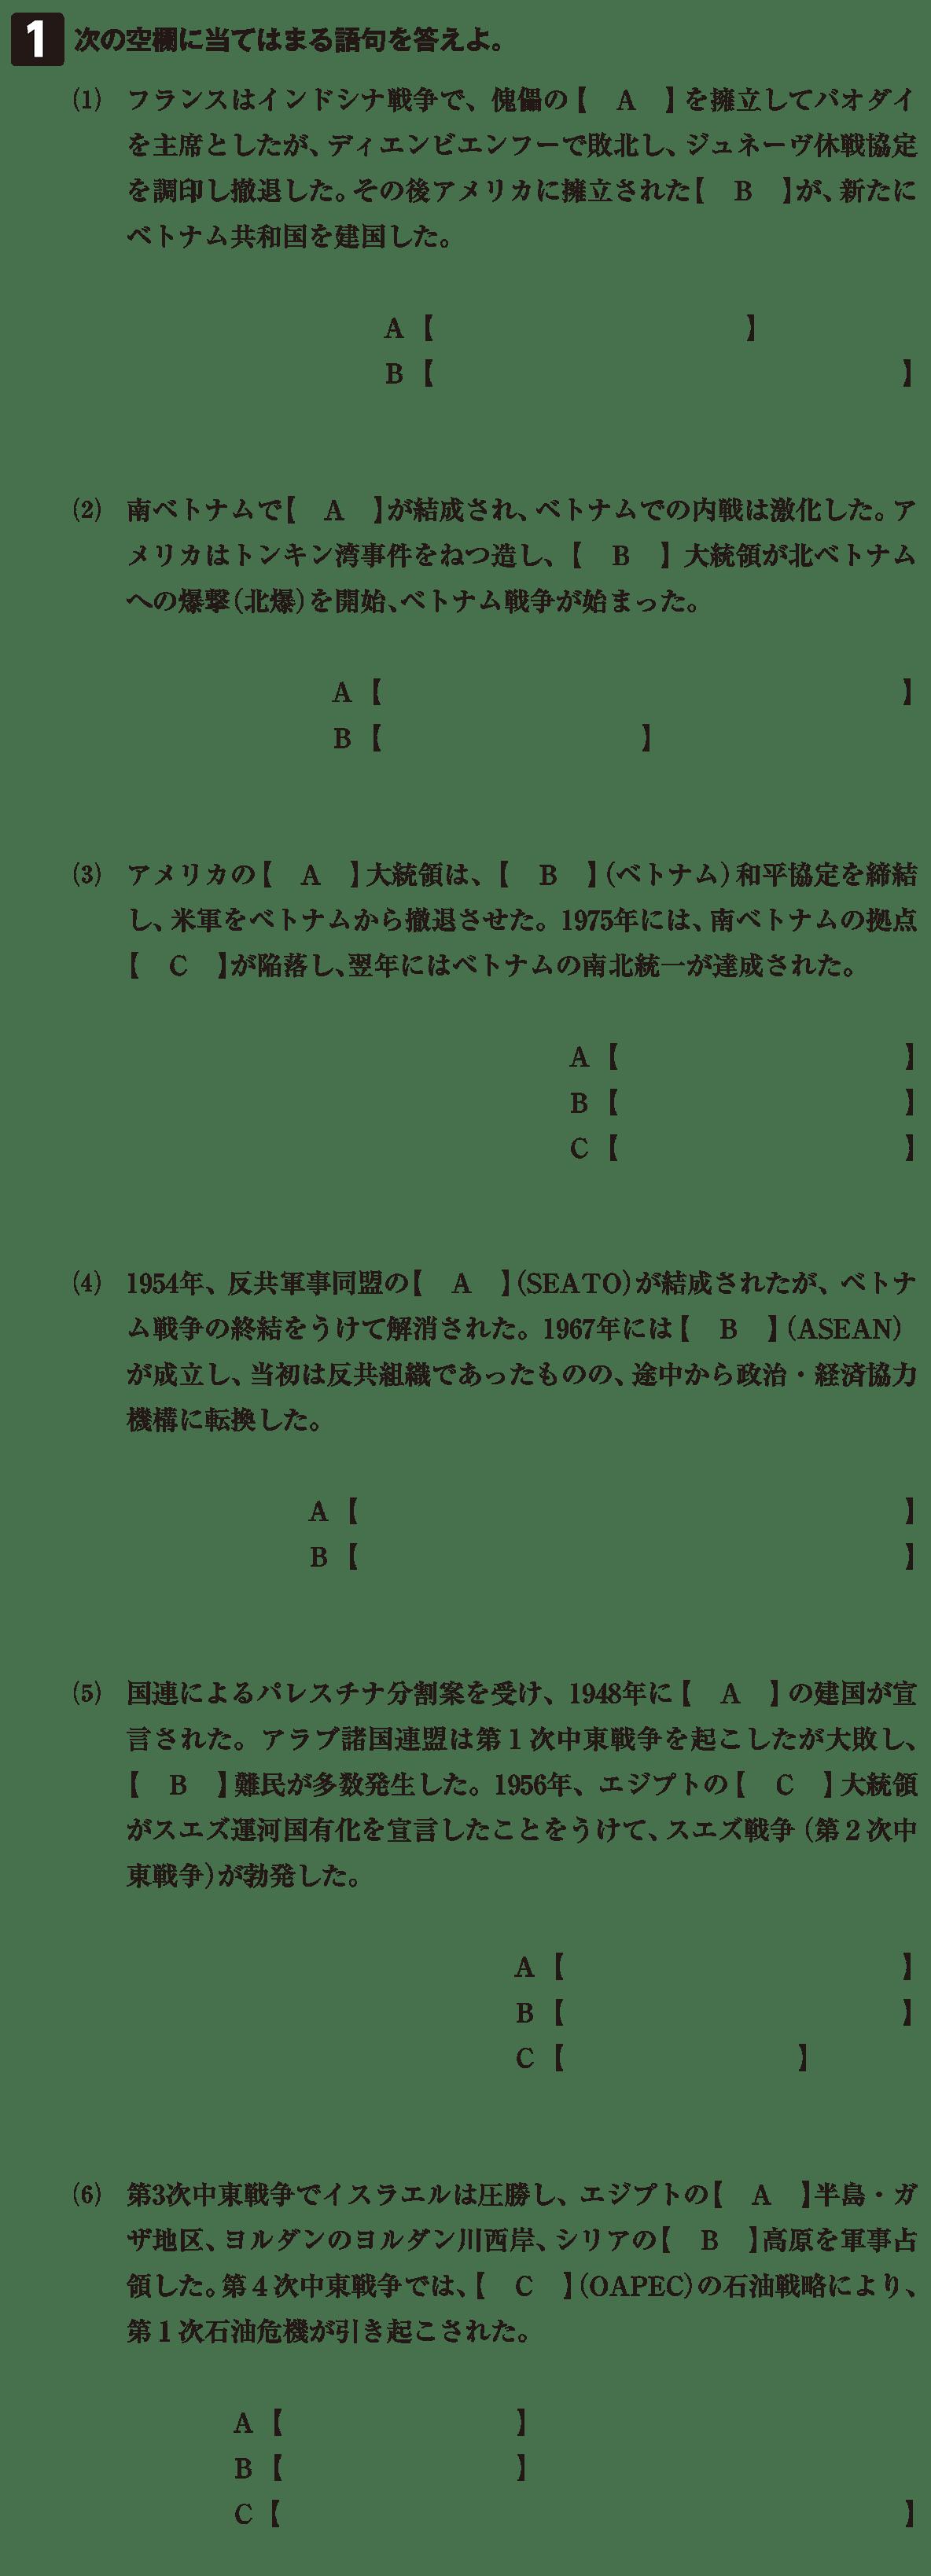 アジア諸地域の紛争7 確認テスト(前半)